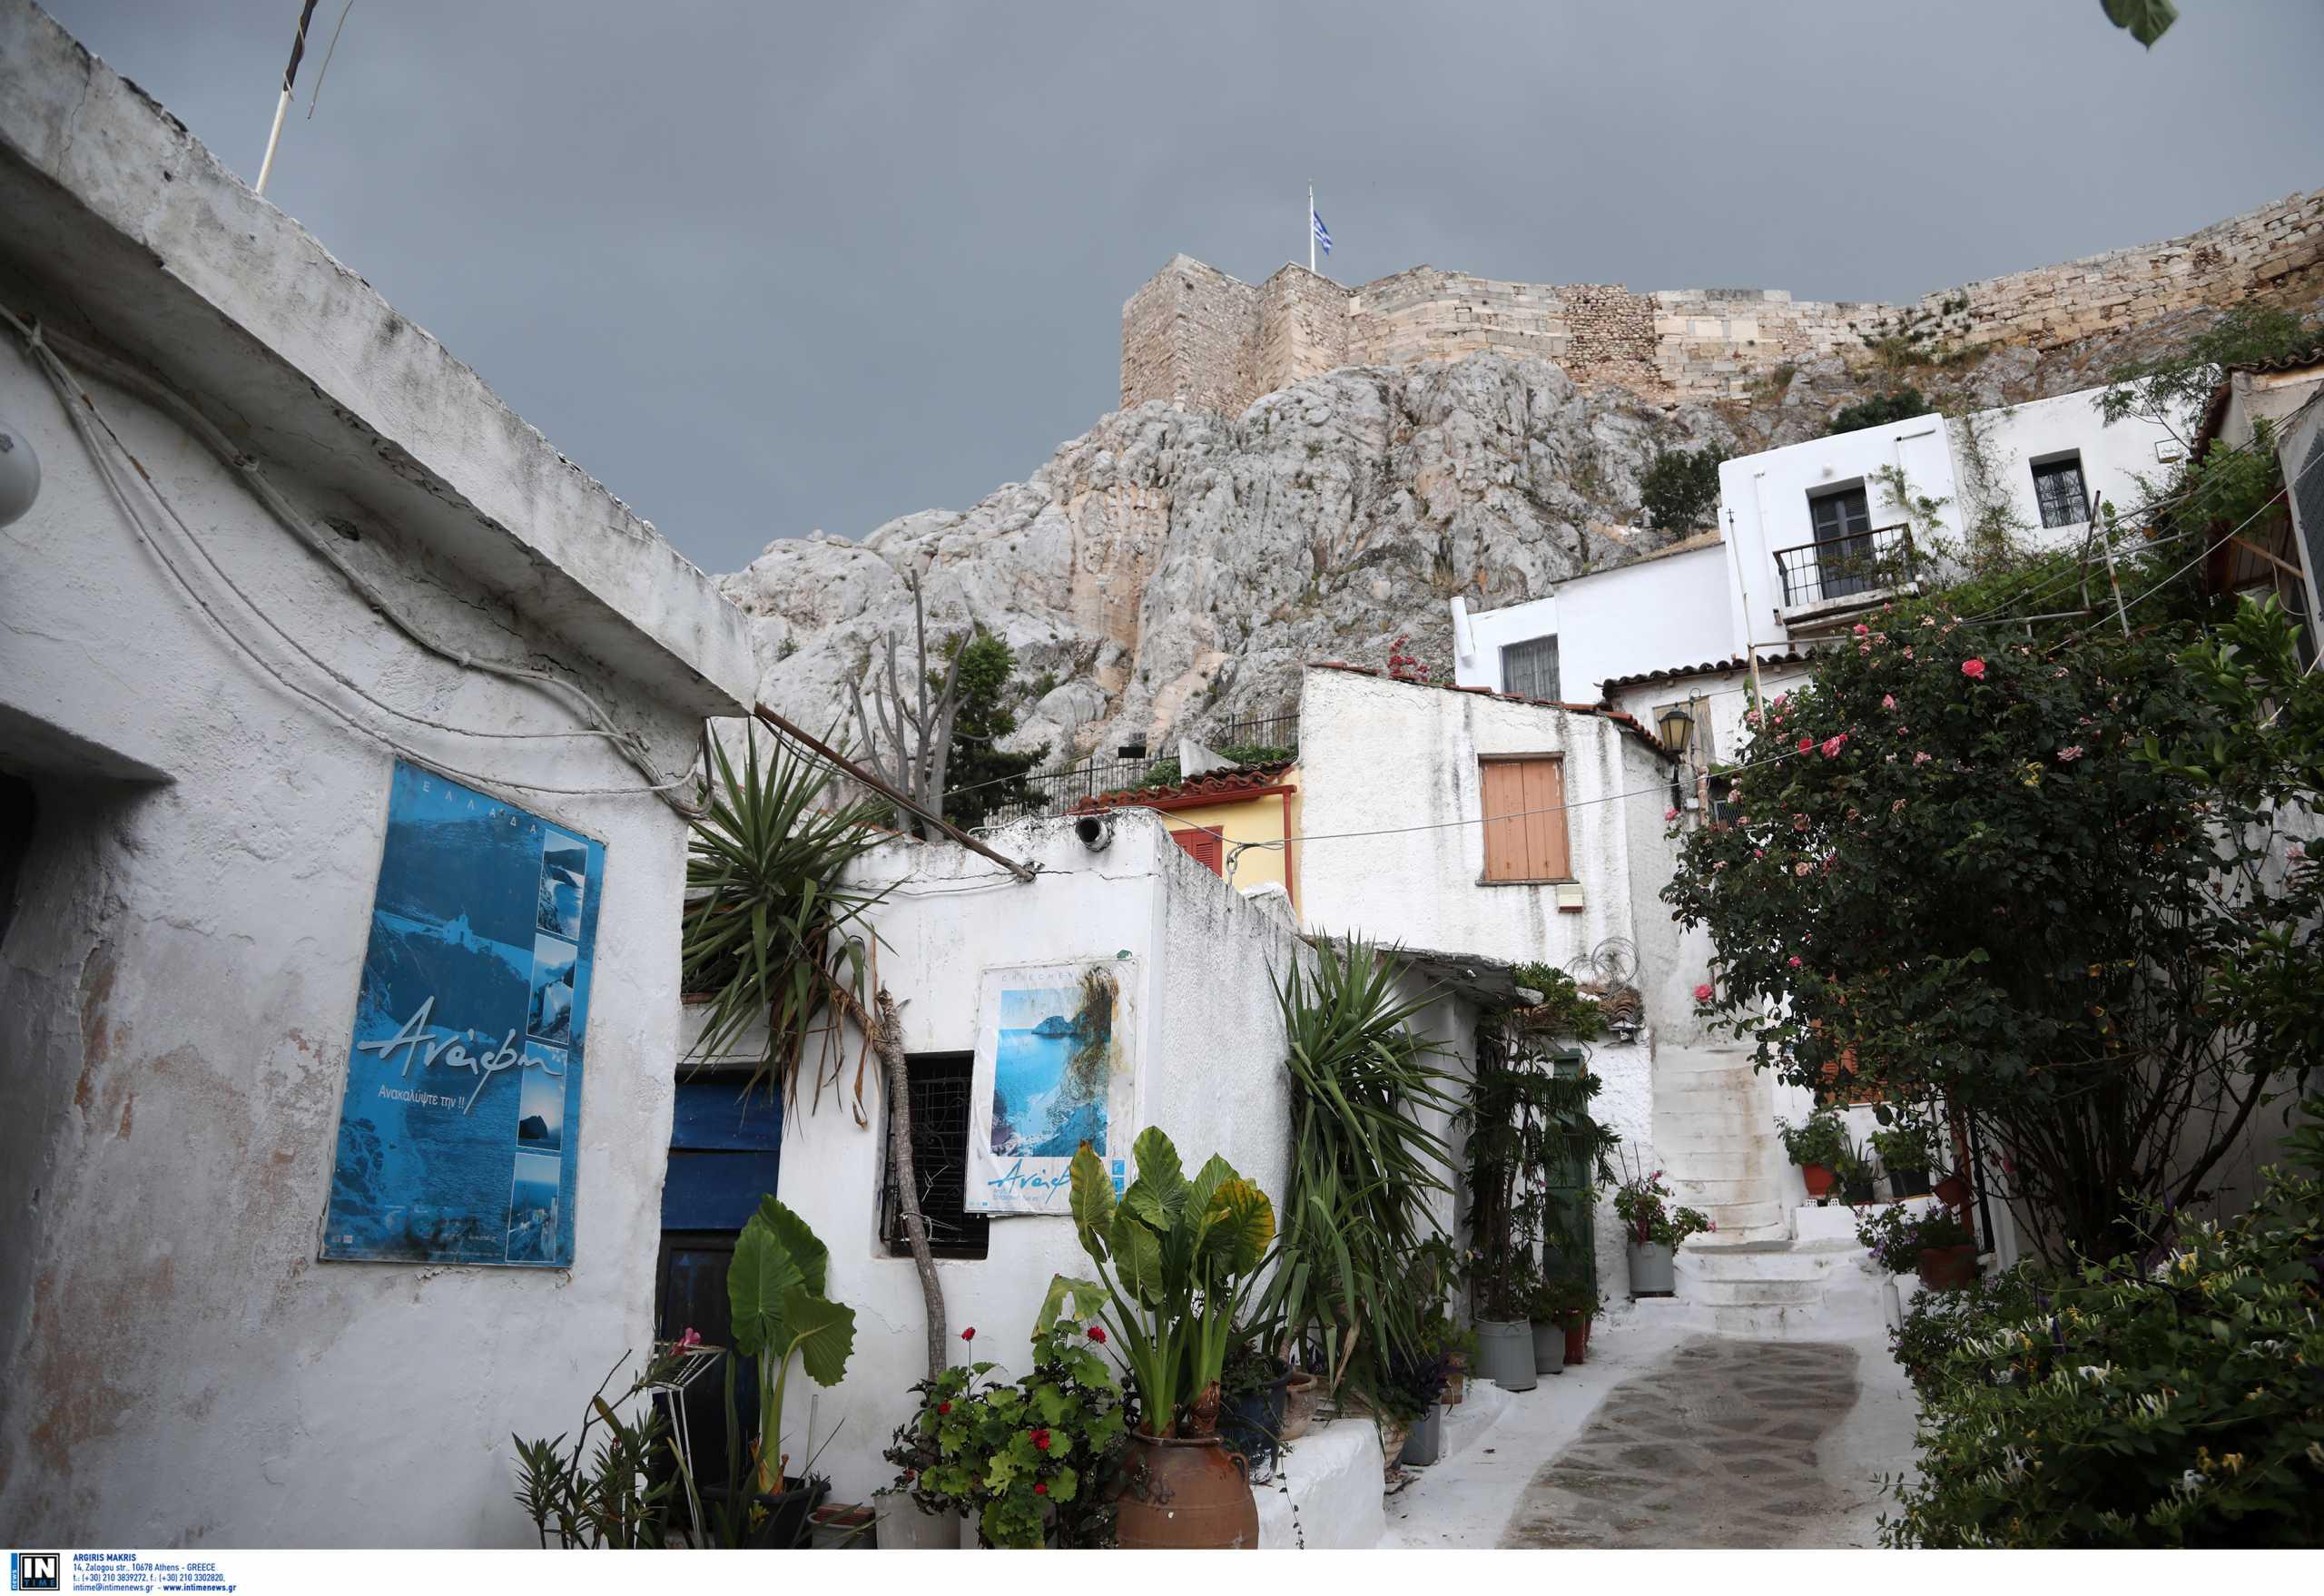 Αναφιώτικα: Πέντε πράγματα που δεν ξέρατε για την ιστορική γειτονιά της Αθήνας